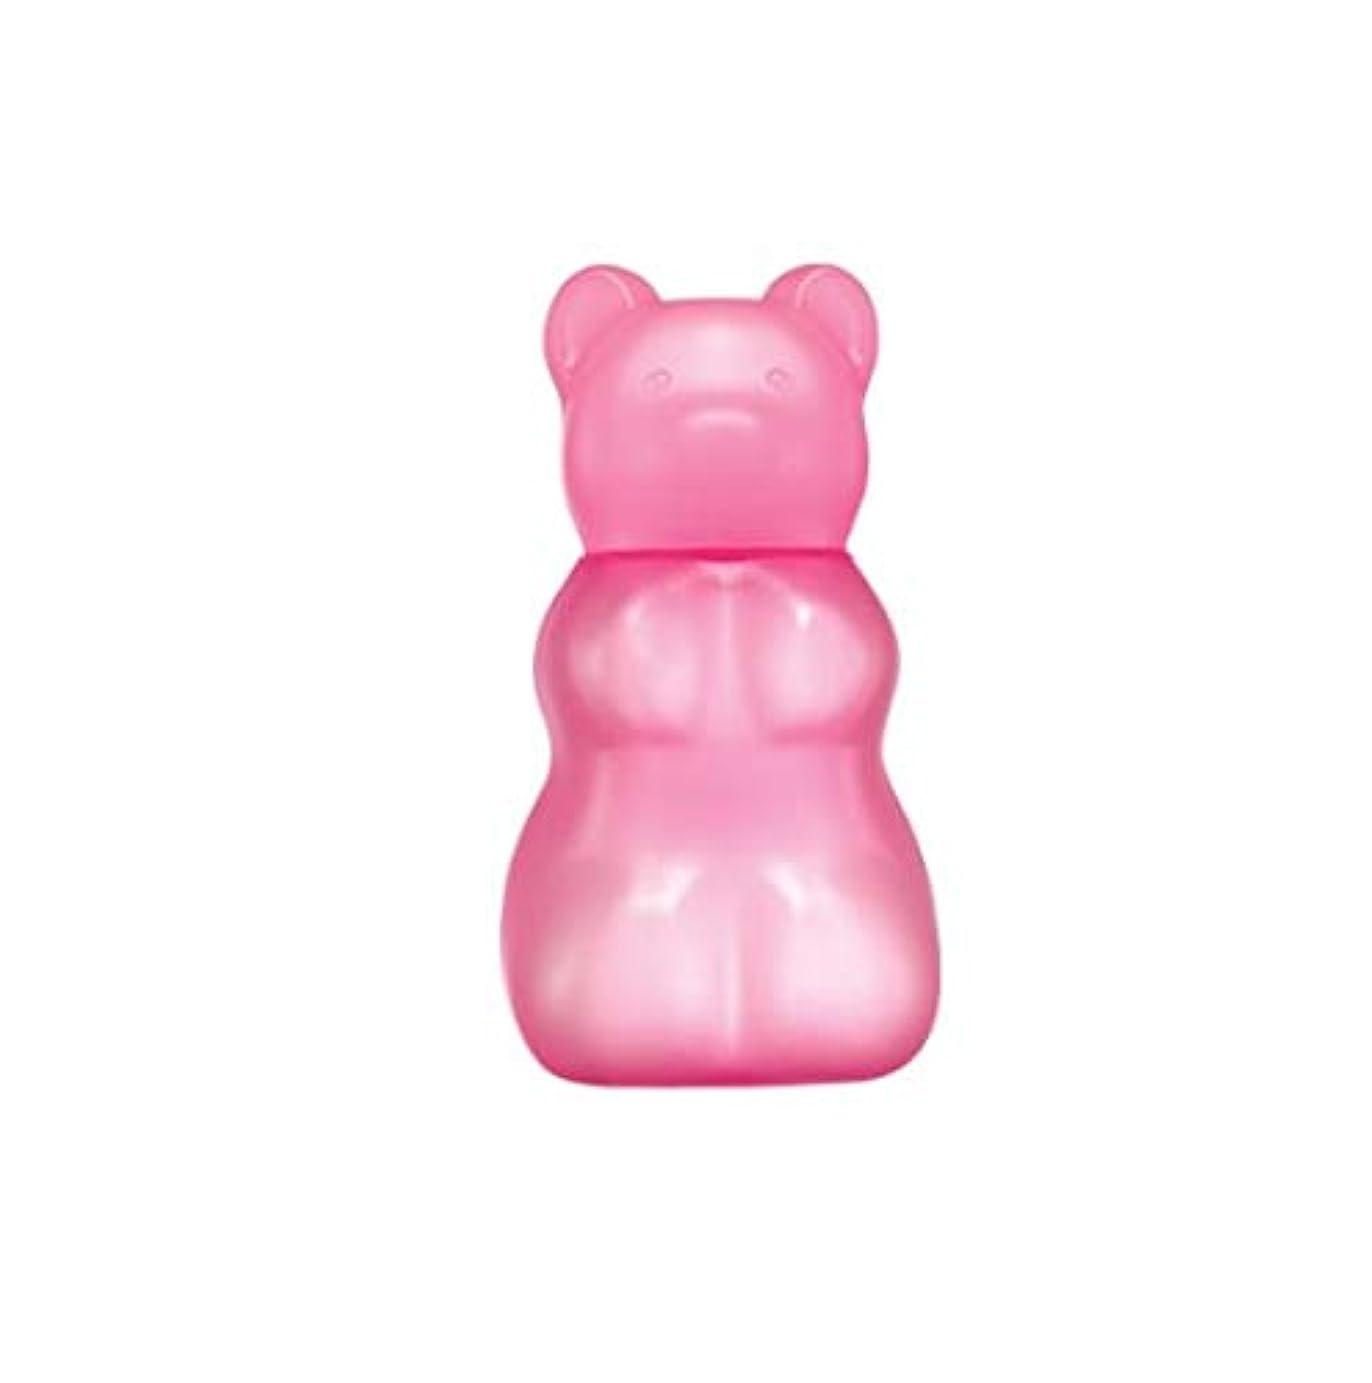 入射病気パラナ川Skinfood グミベアゼリークリーンジェル(アップル)#ラズベリー(ハンドジェル) / Gummy Bear Jelly Clean Gel (Apple) #Raspberry (Handgel) 45ml [並行輸入品]